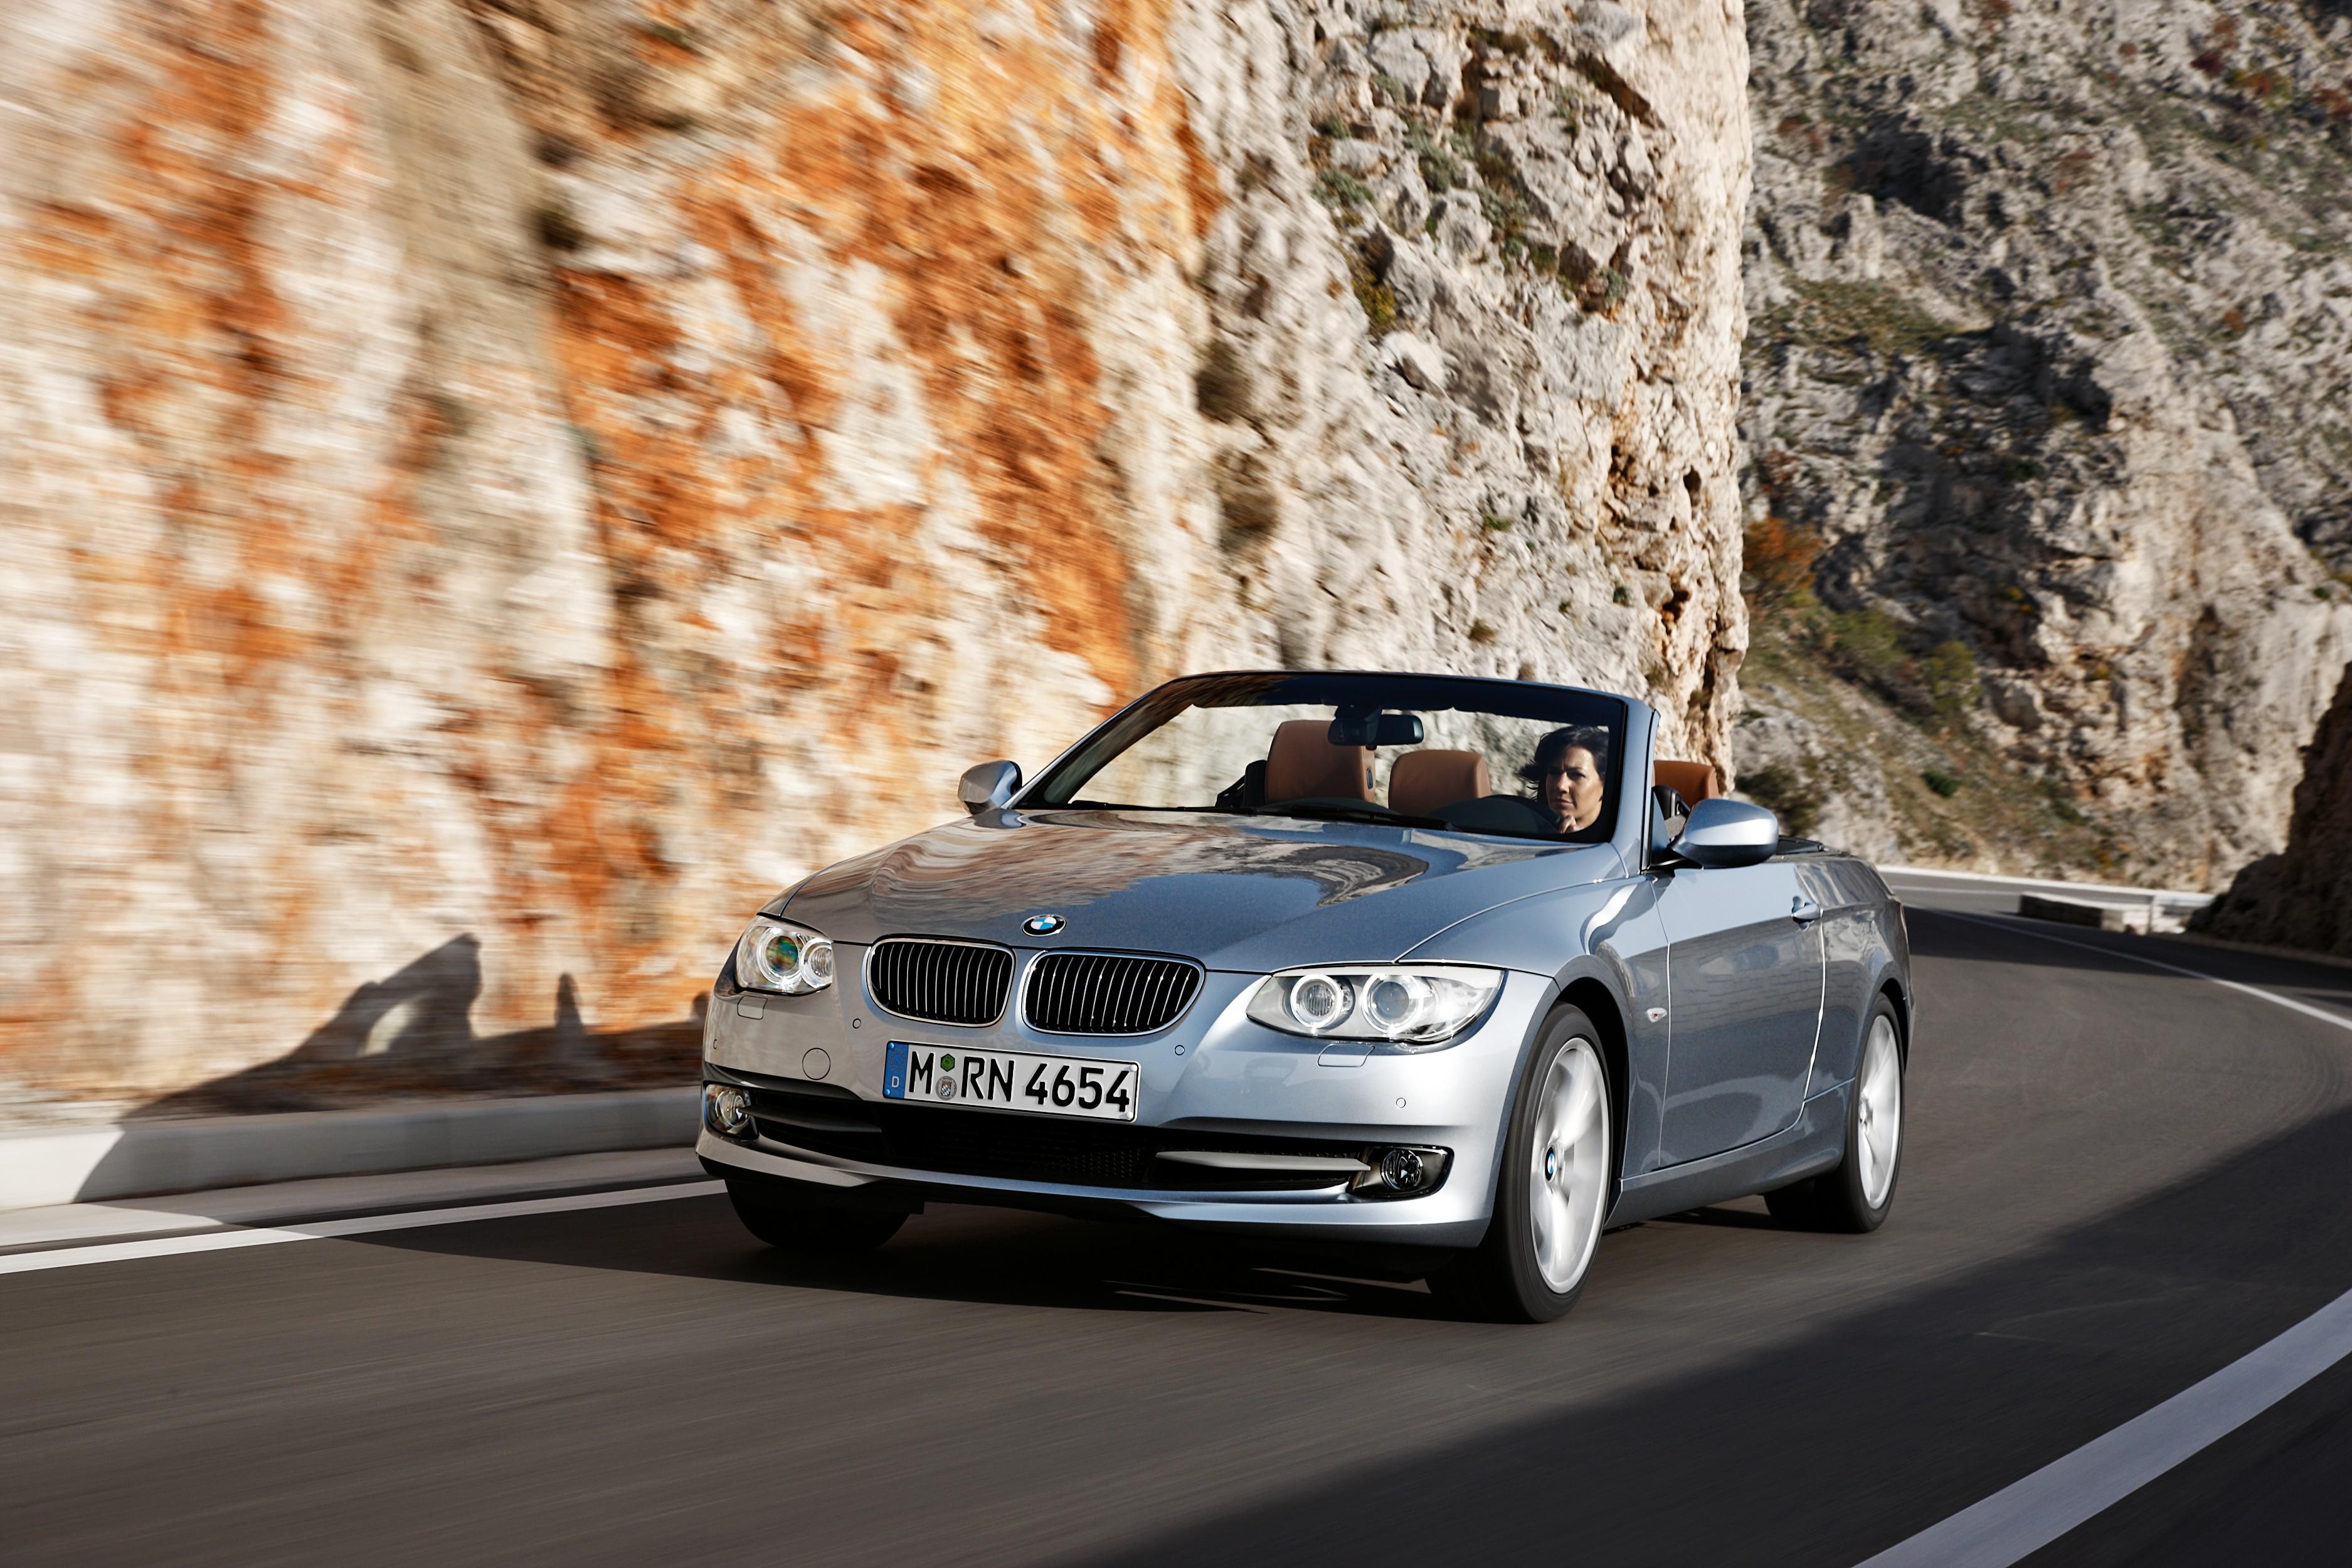 Tweedehands BMW 3 Serie kopen cabrio